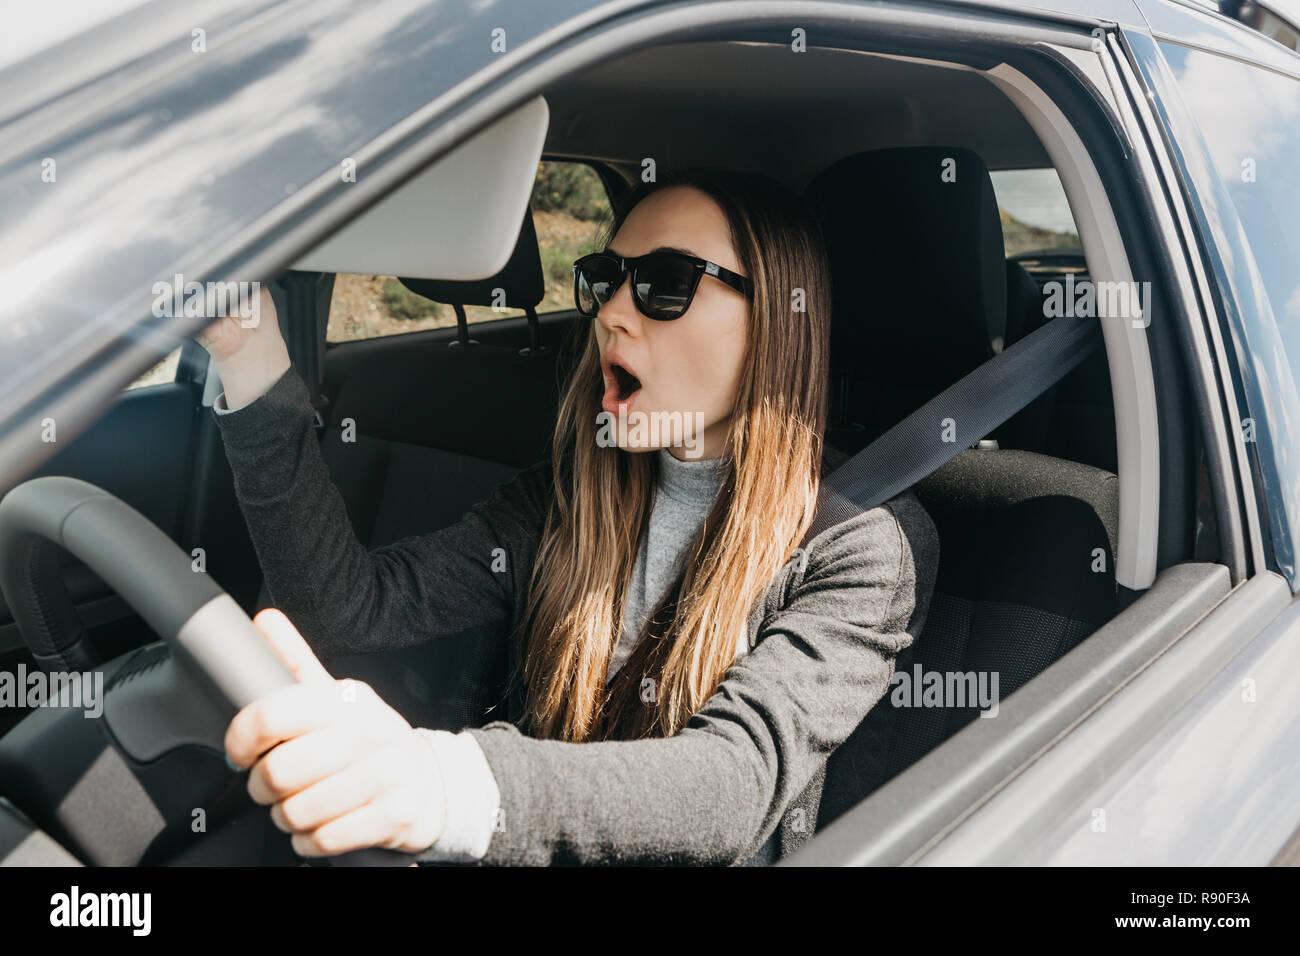 Das Mädchen oder der Fahrer im Auto überrascht oder erschreckt oder etwas passiert ist und sie zeigt Gefühle. Auto fahren. Stockbild